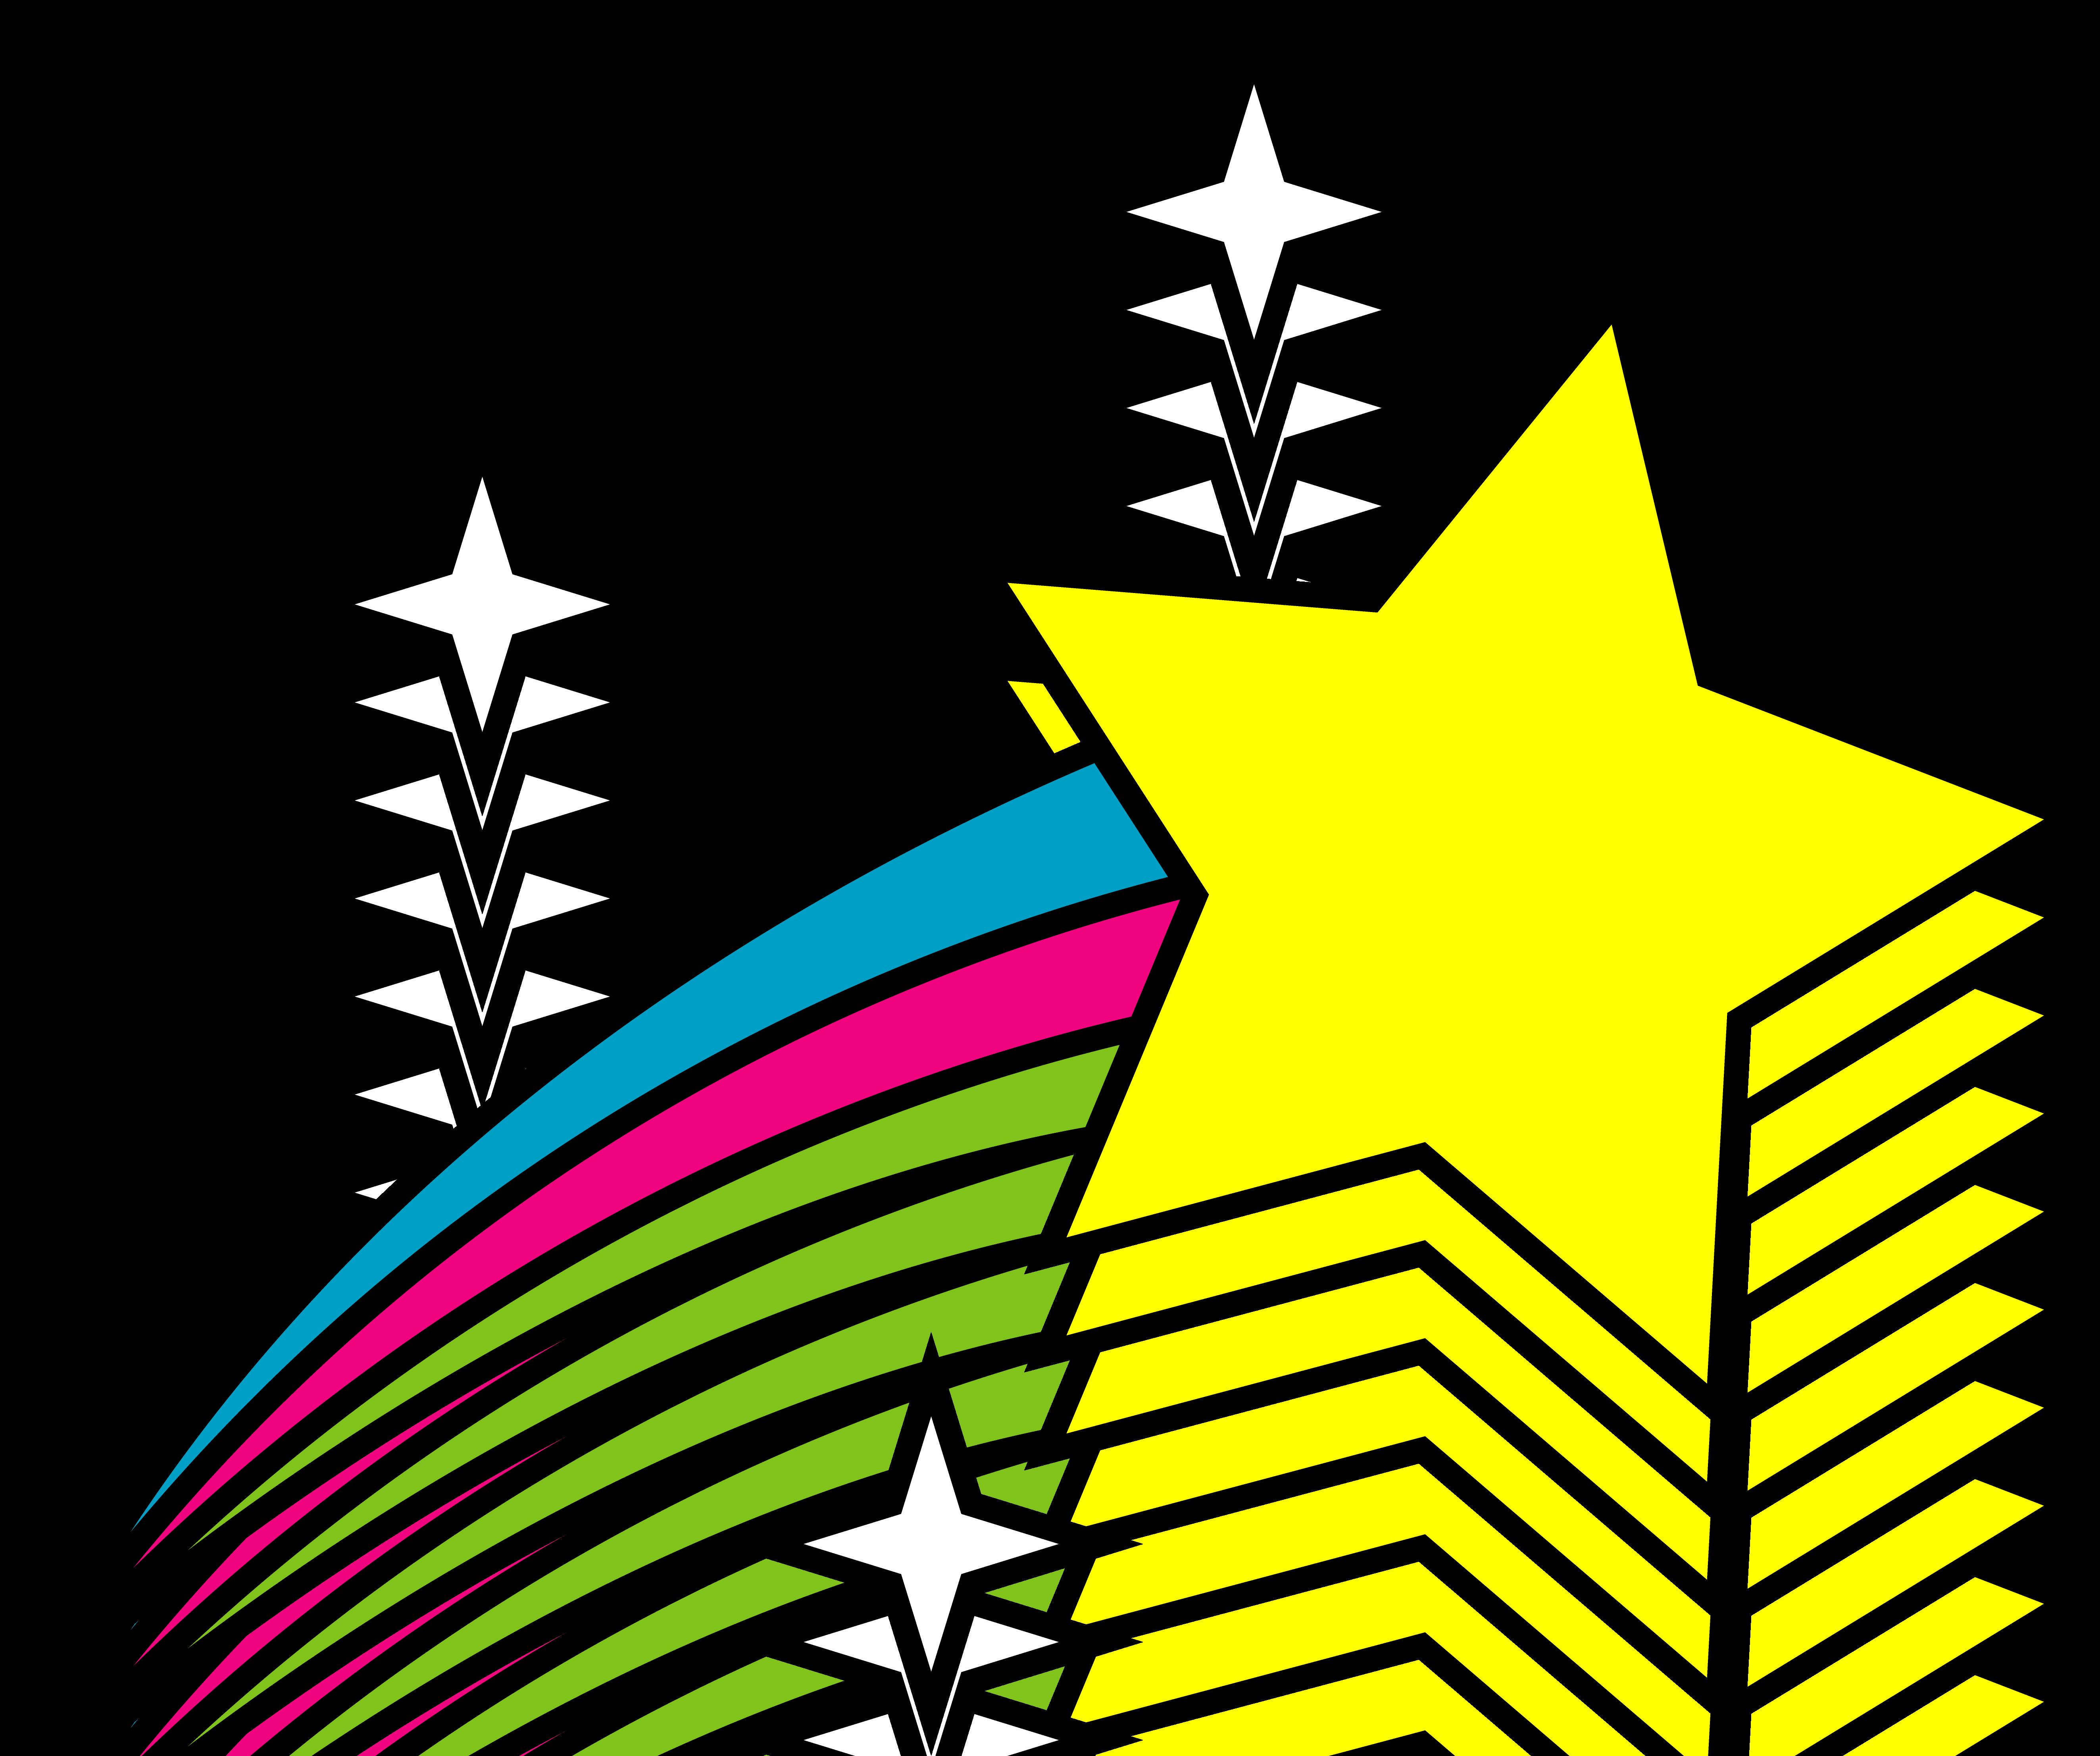 5292x4424 Stars Clipart Free